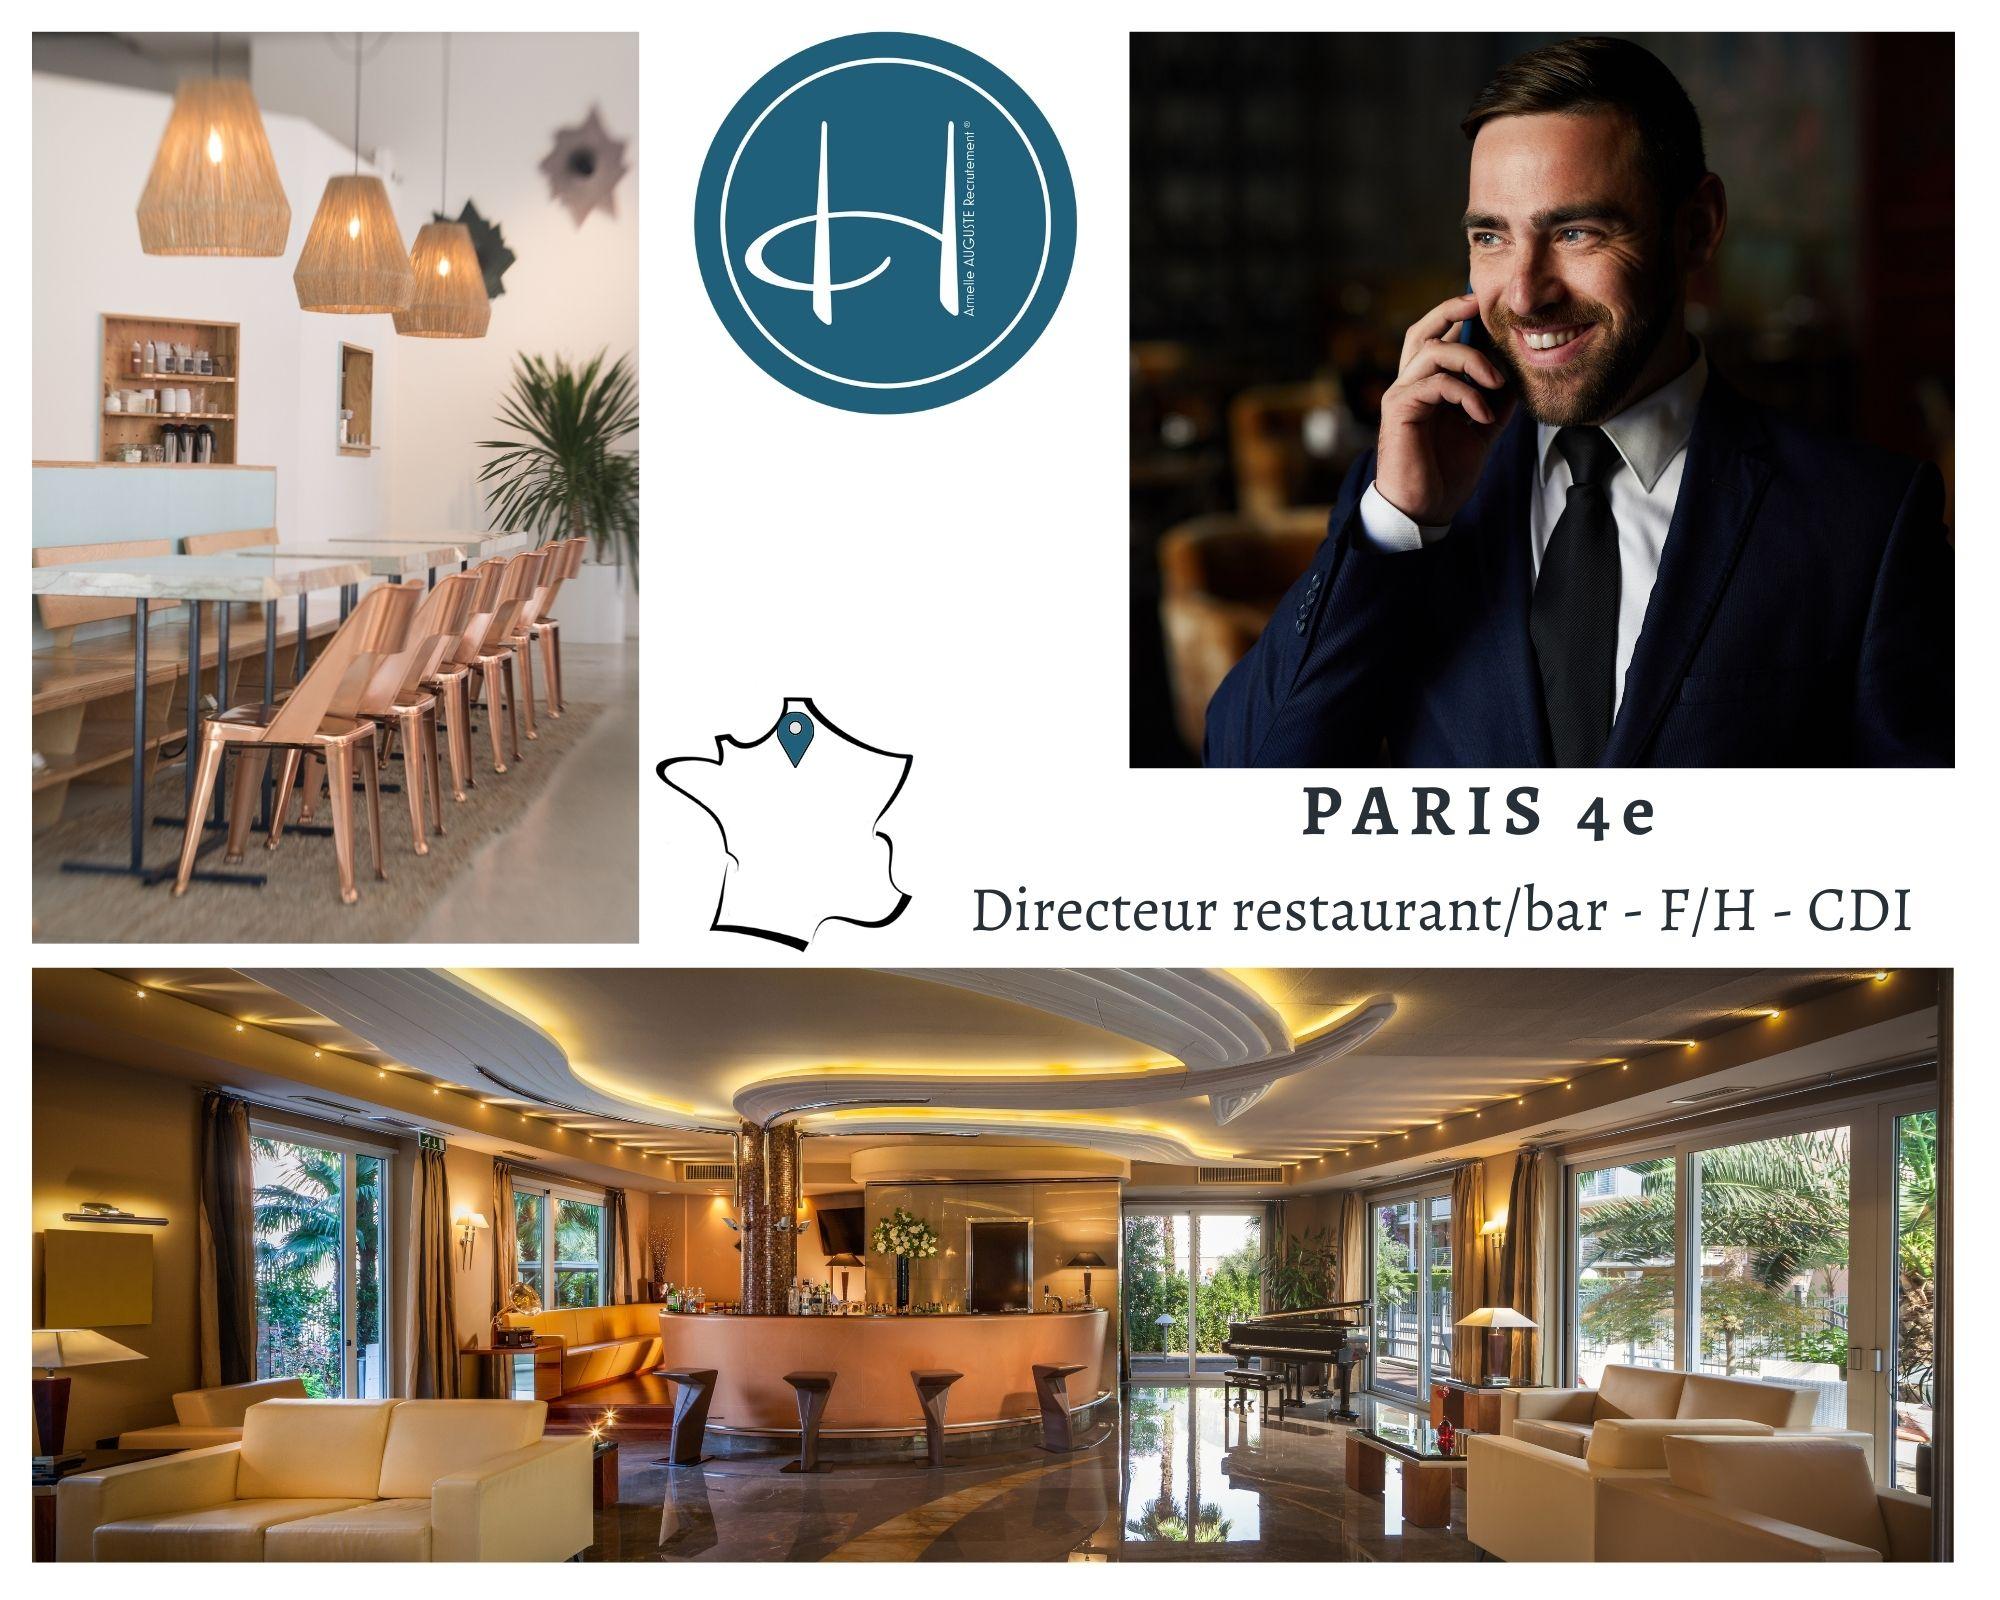 Recrutement: Directeur-rice de restaurant/bar F/H chez Armelle AUGUSTE Recrutement® à Paris